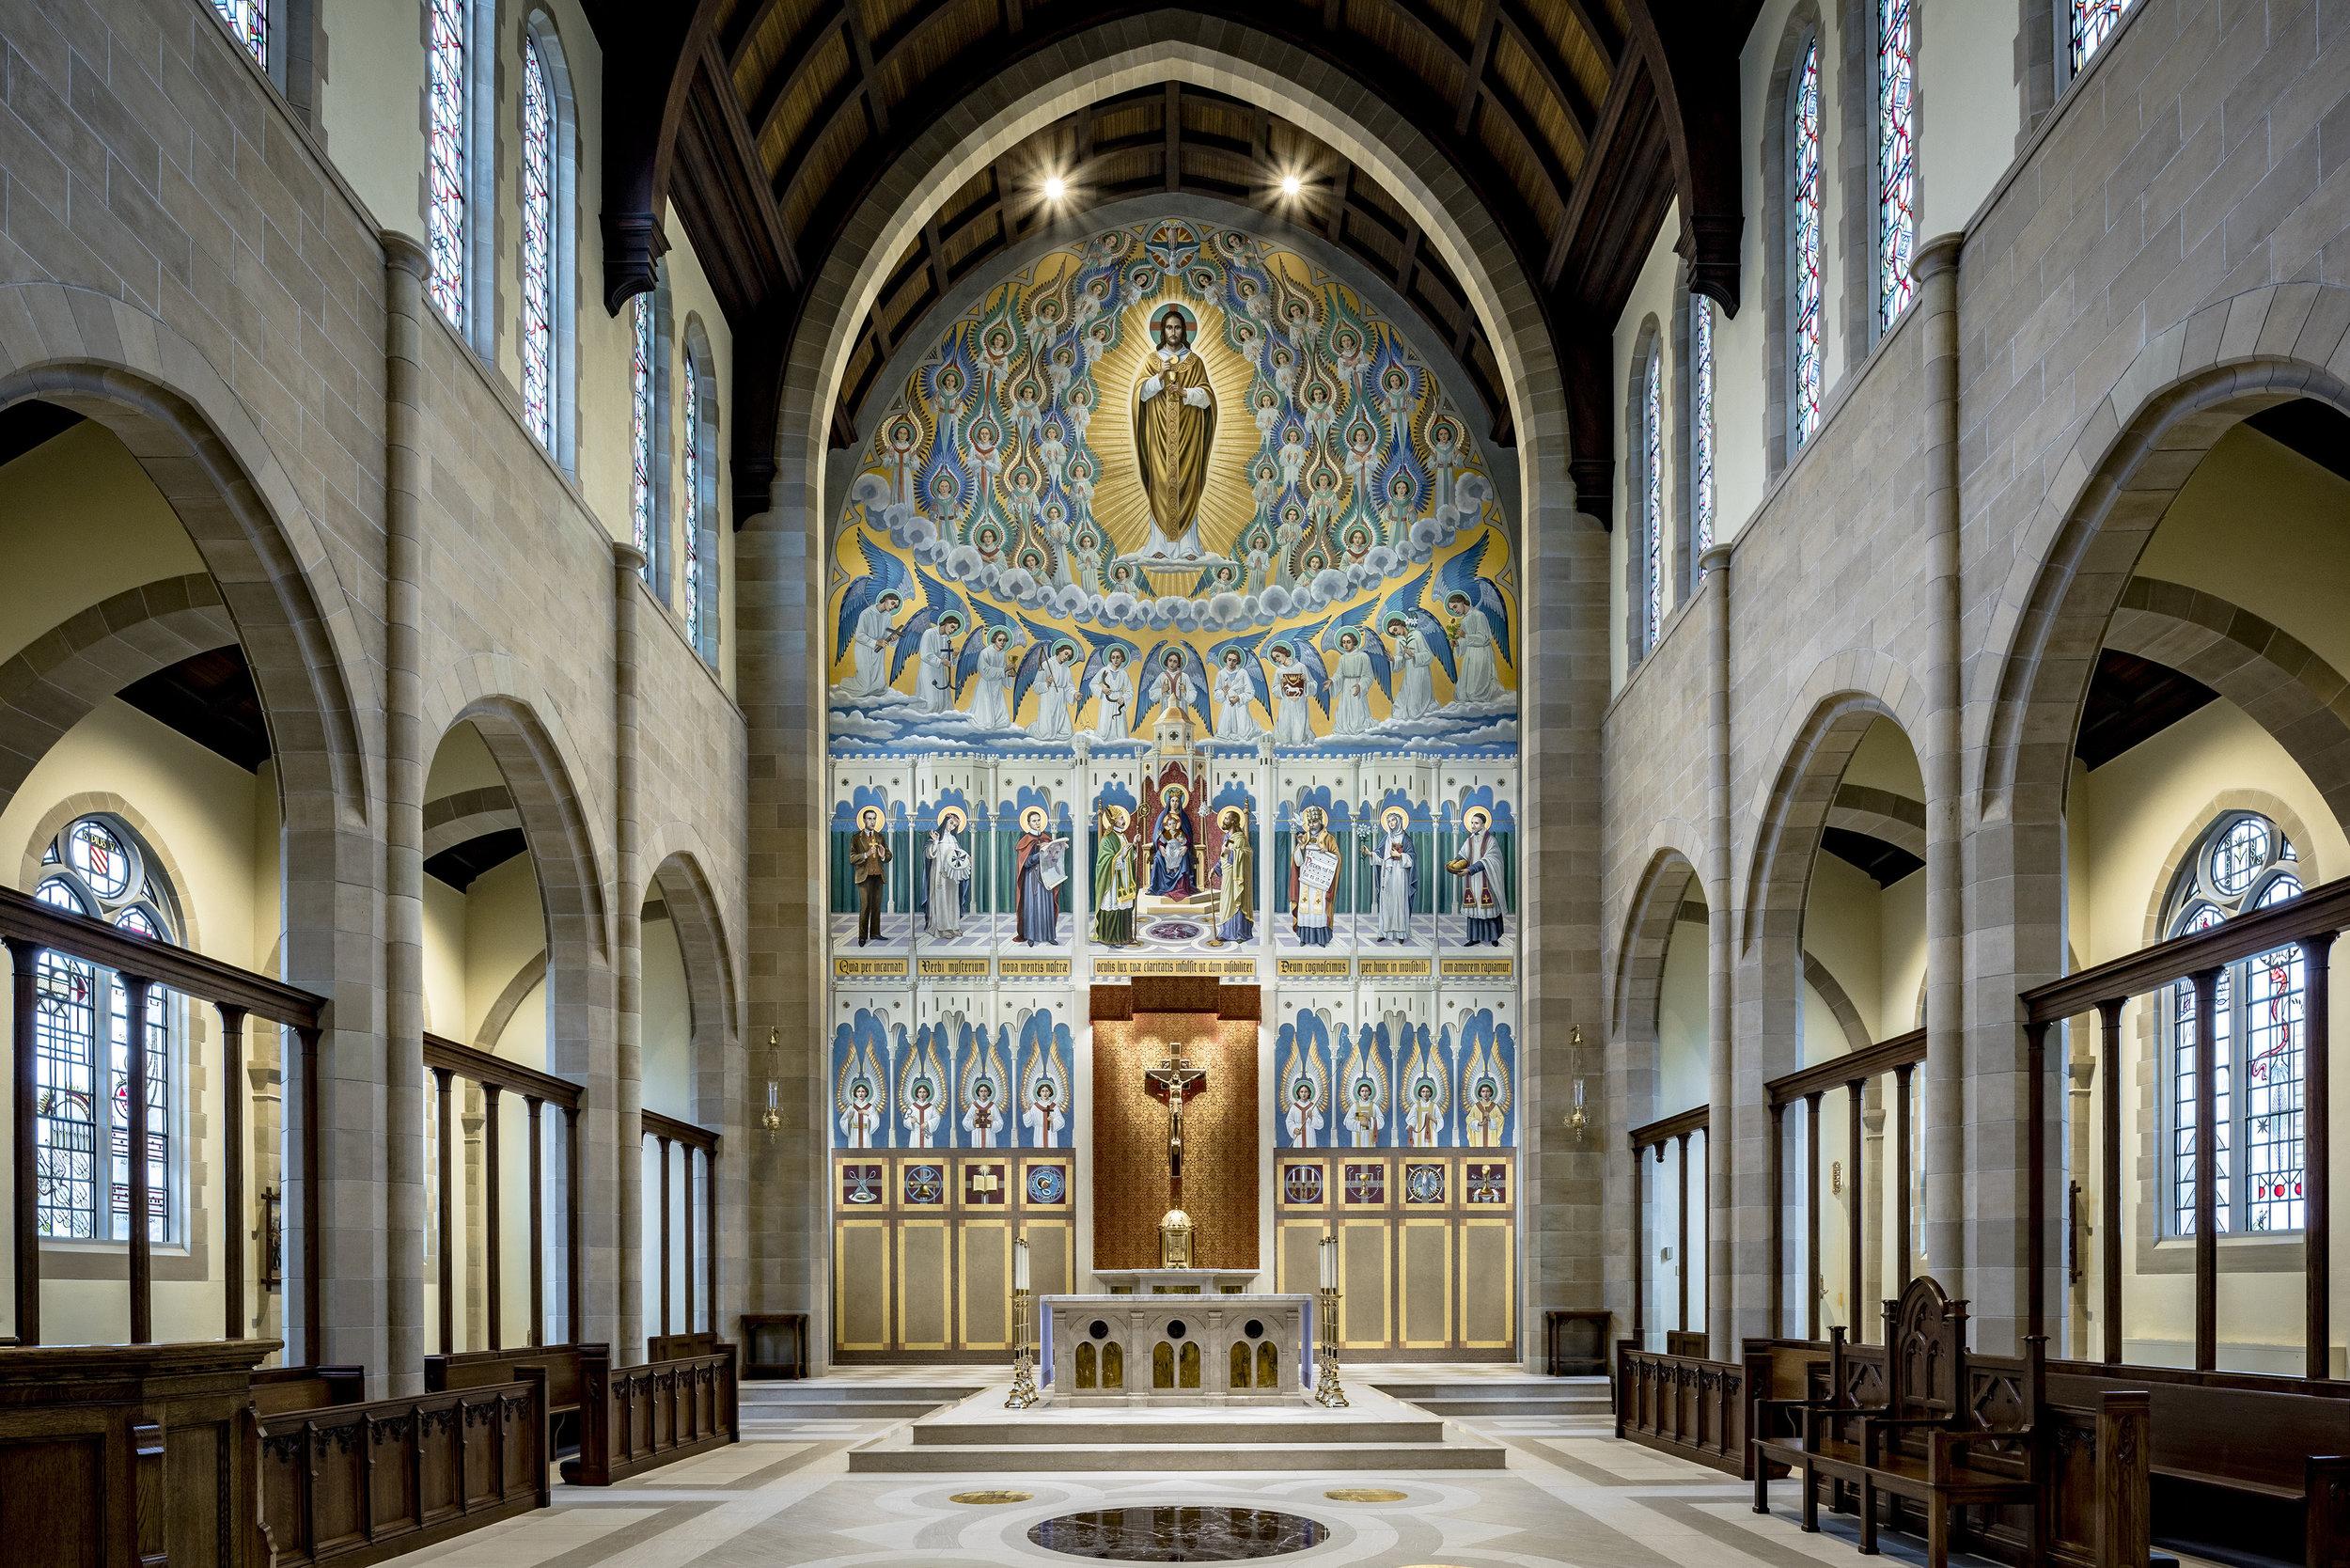 St Turibius Chapel mural at the Josephinum Pontifical College